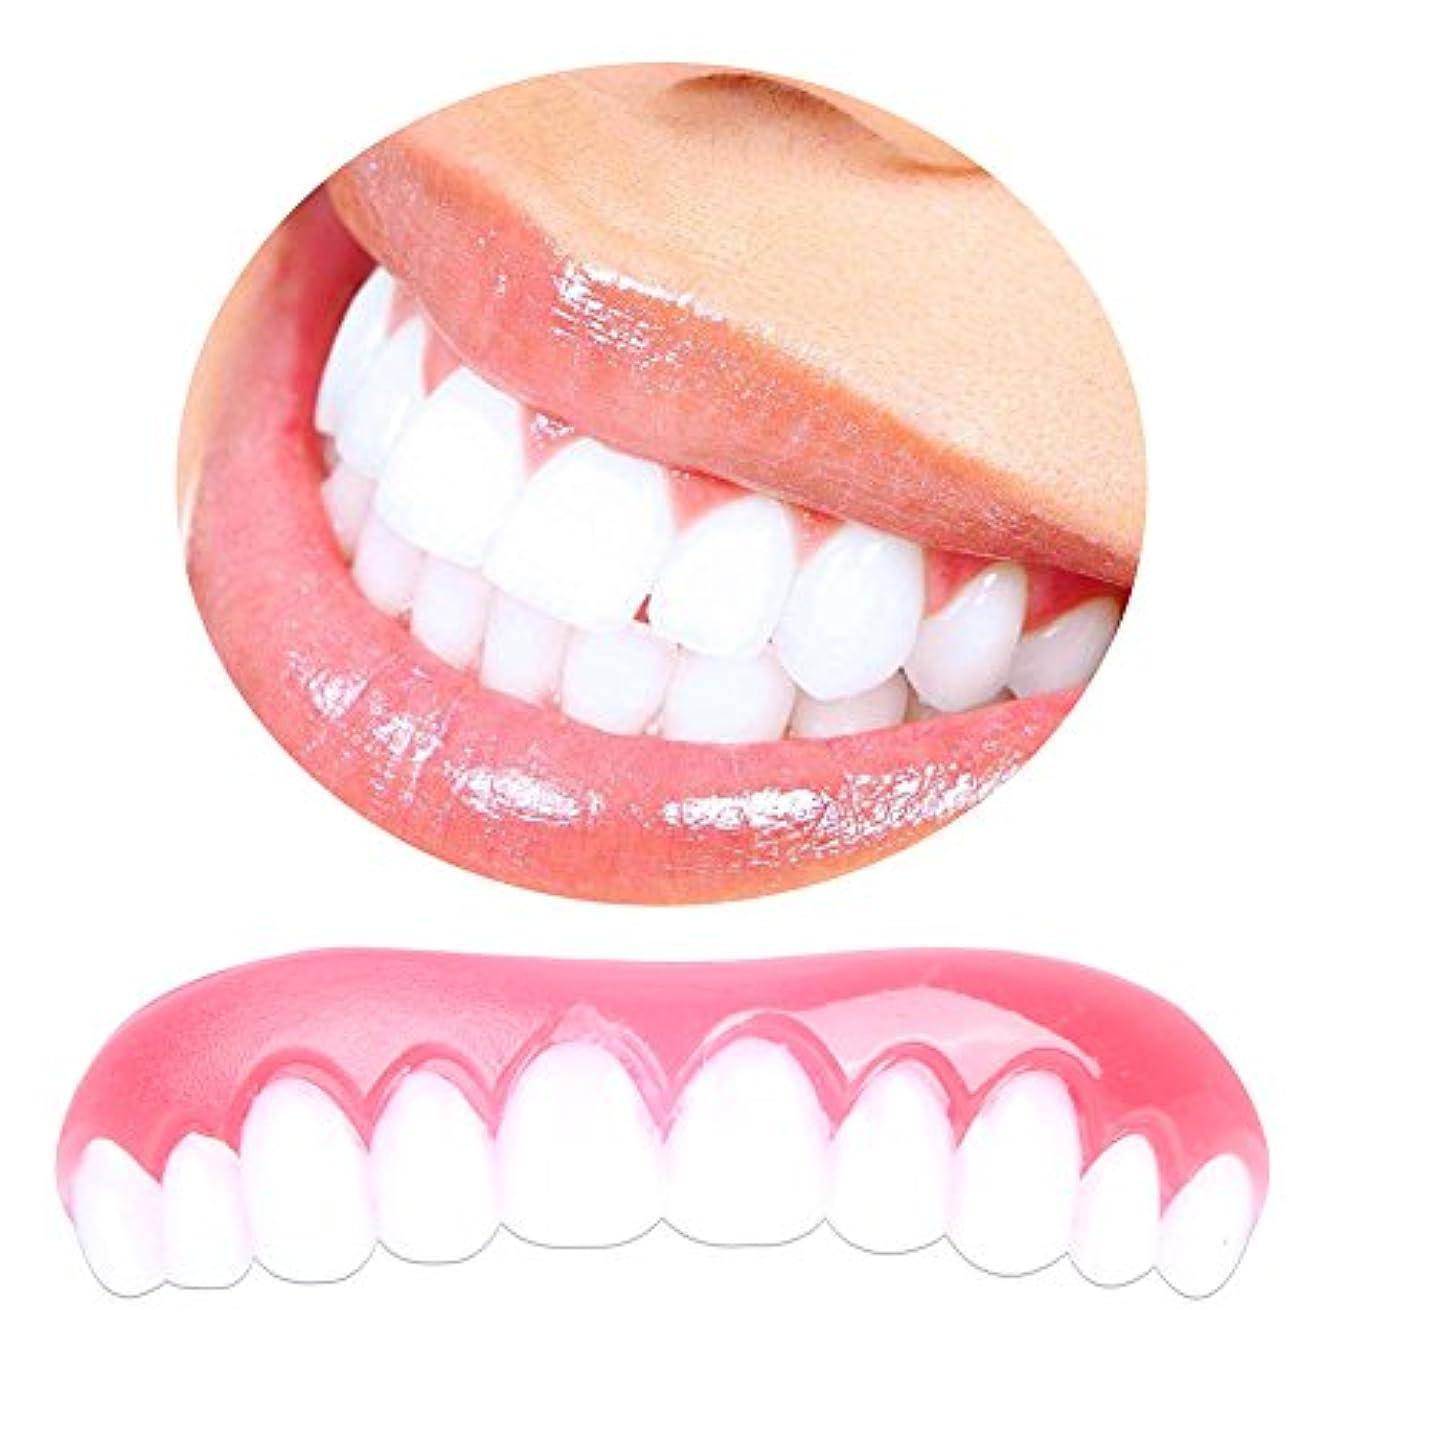 チキンまとめる検閲コンフォートフィットフレックス化粧品歯パーフェクトスマイルベニアダブの歯の矯正用ダブ歯用ホワイトパーフェクトスマイルベニア歯のホワイトニング-2個